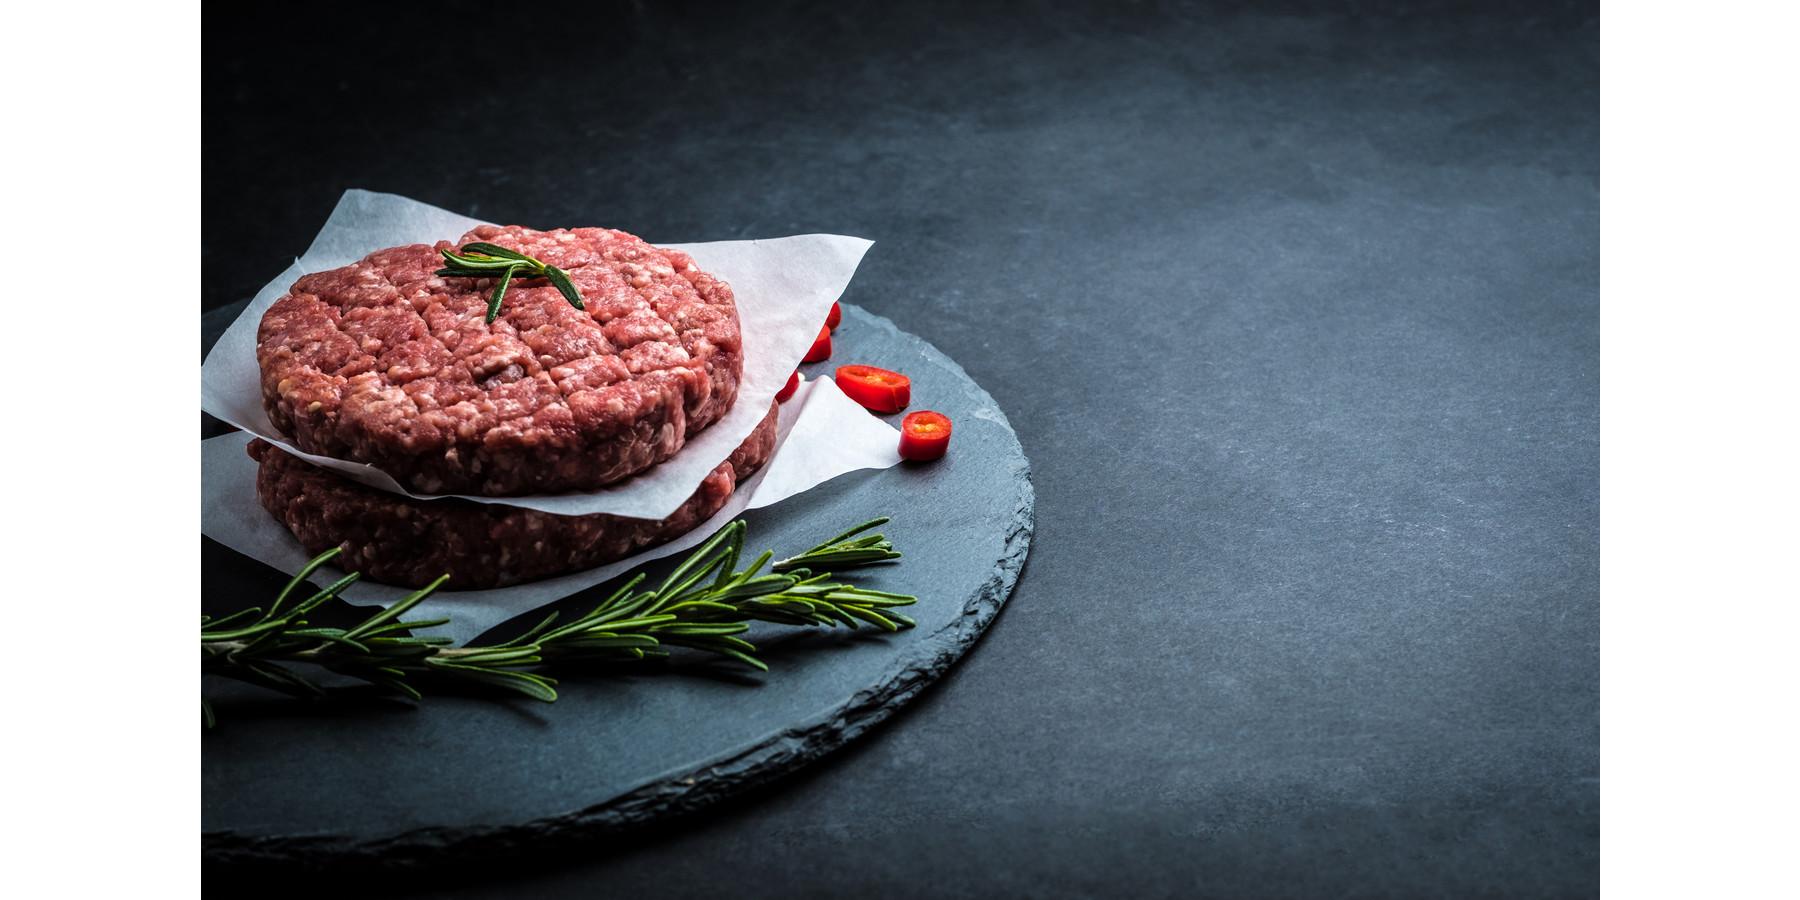 Waardse Kalfs Hamburger